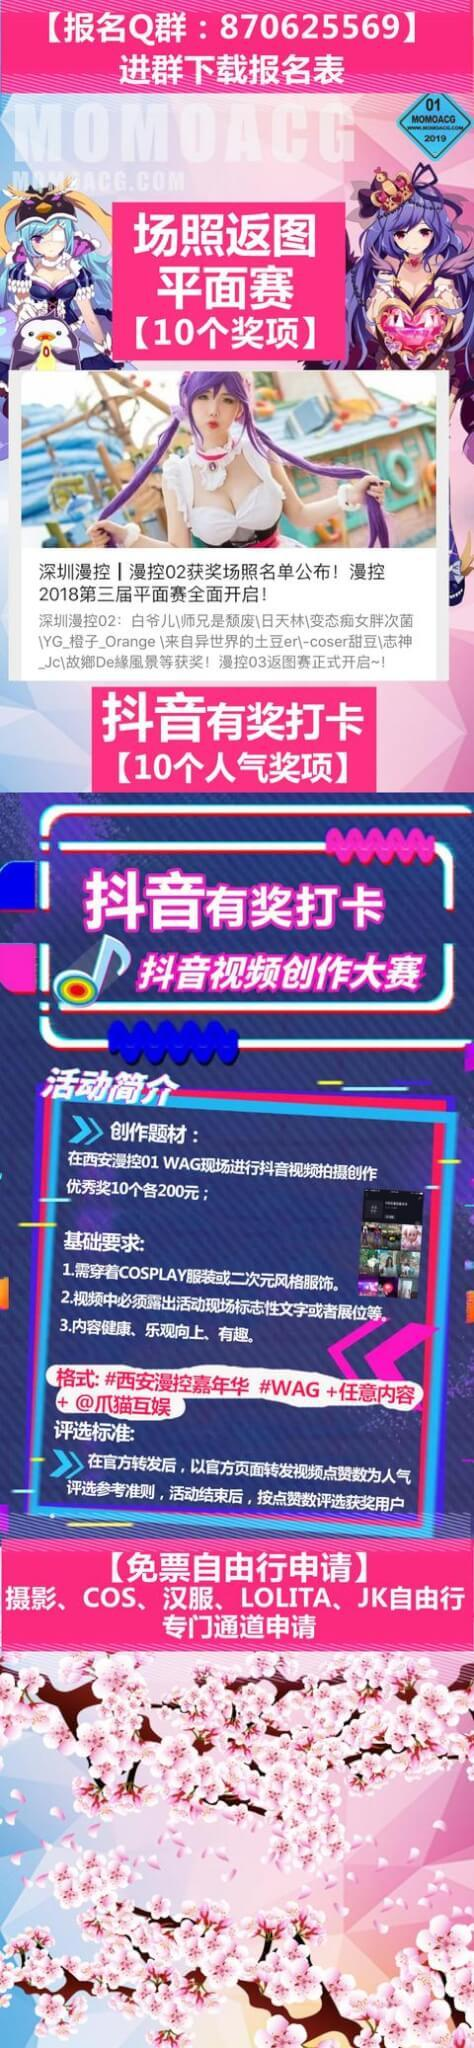 WAG漫控嘉年华国庆盛大启动,二次元盛宴等你开启-C3动漫网